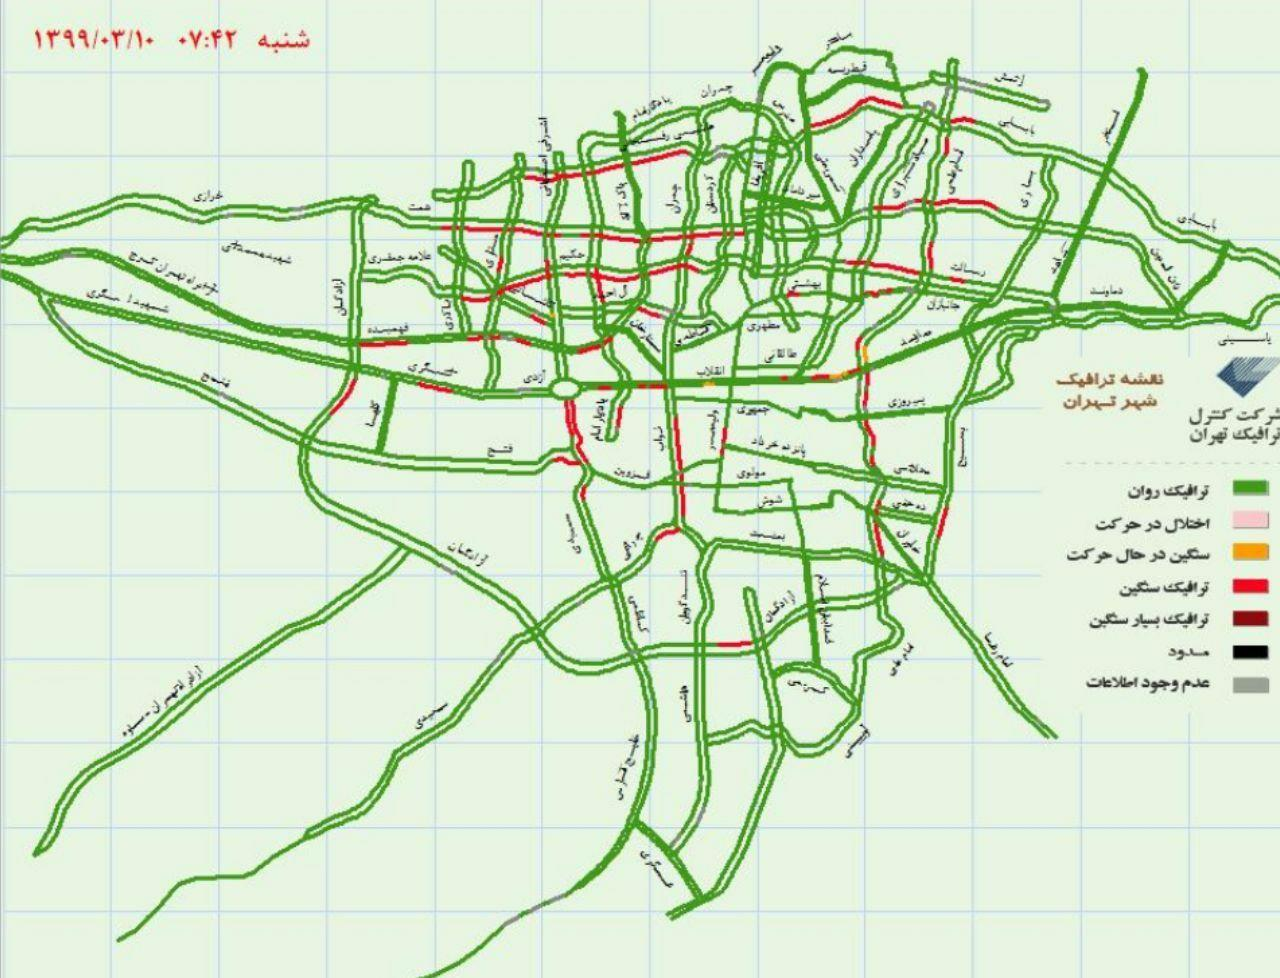 ترافیک سنگین در تهران در نخستین روز آغاز مجدد کسب و کار